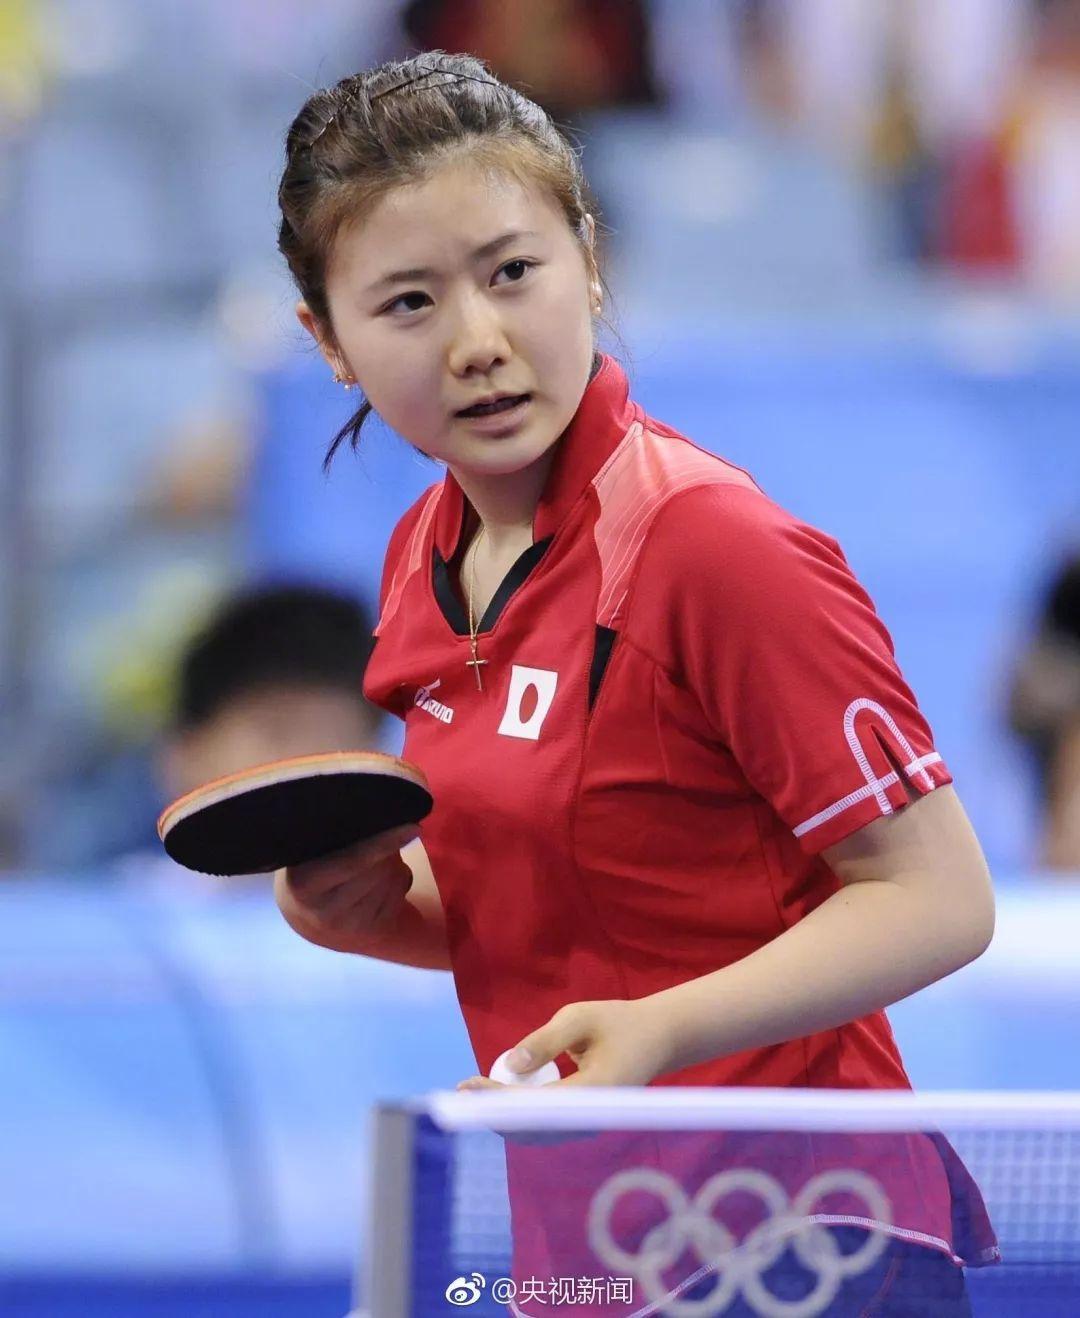 4岁参加日本年级小学生乒乓球v年级,第一次亮相就击败一名二全国的男打台球白球贴库怎样能打准图片